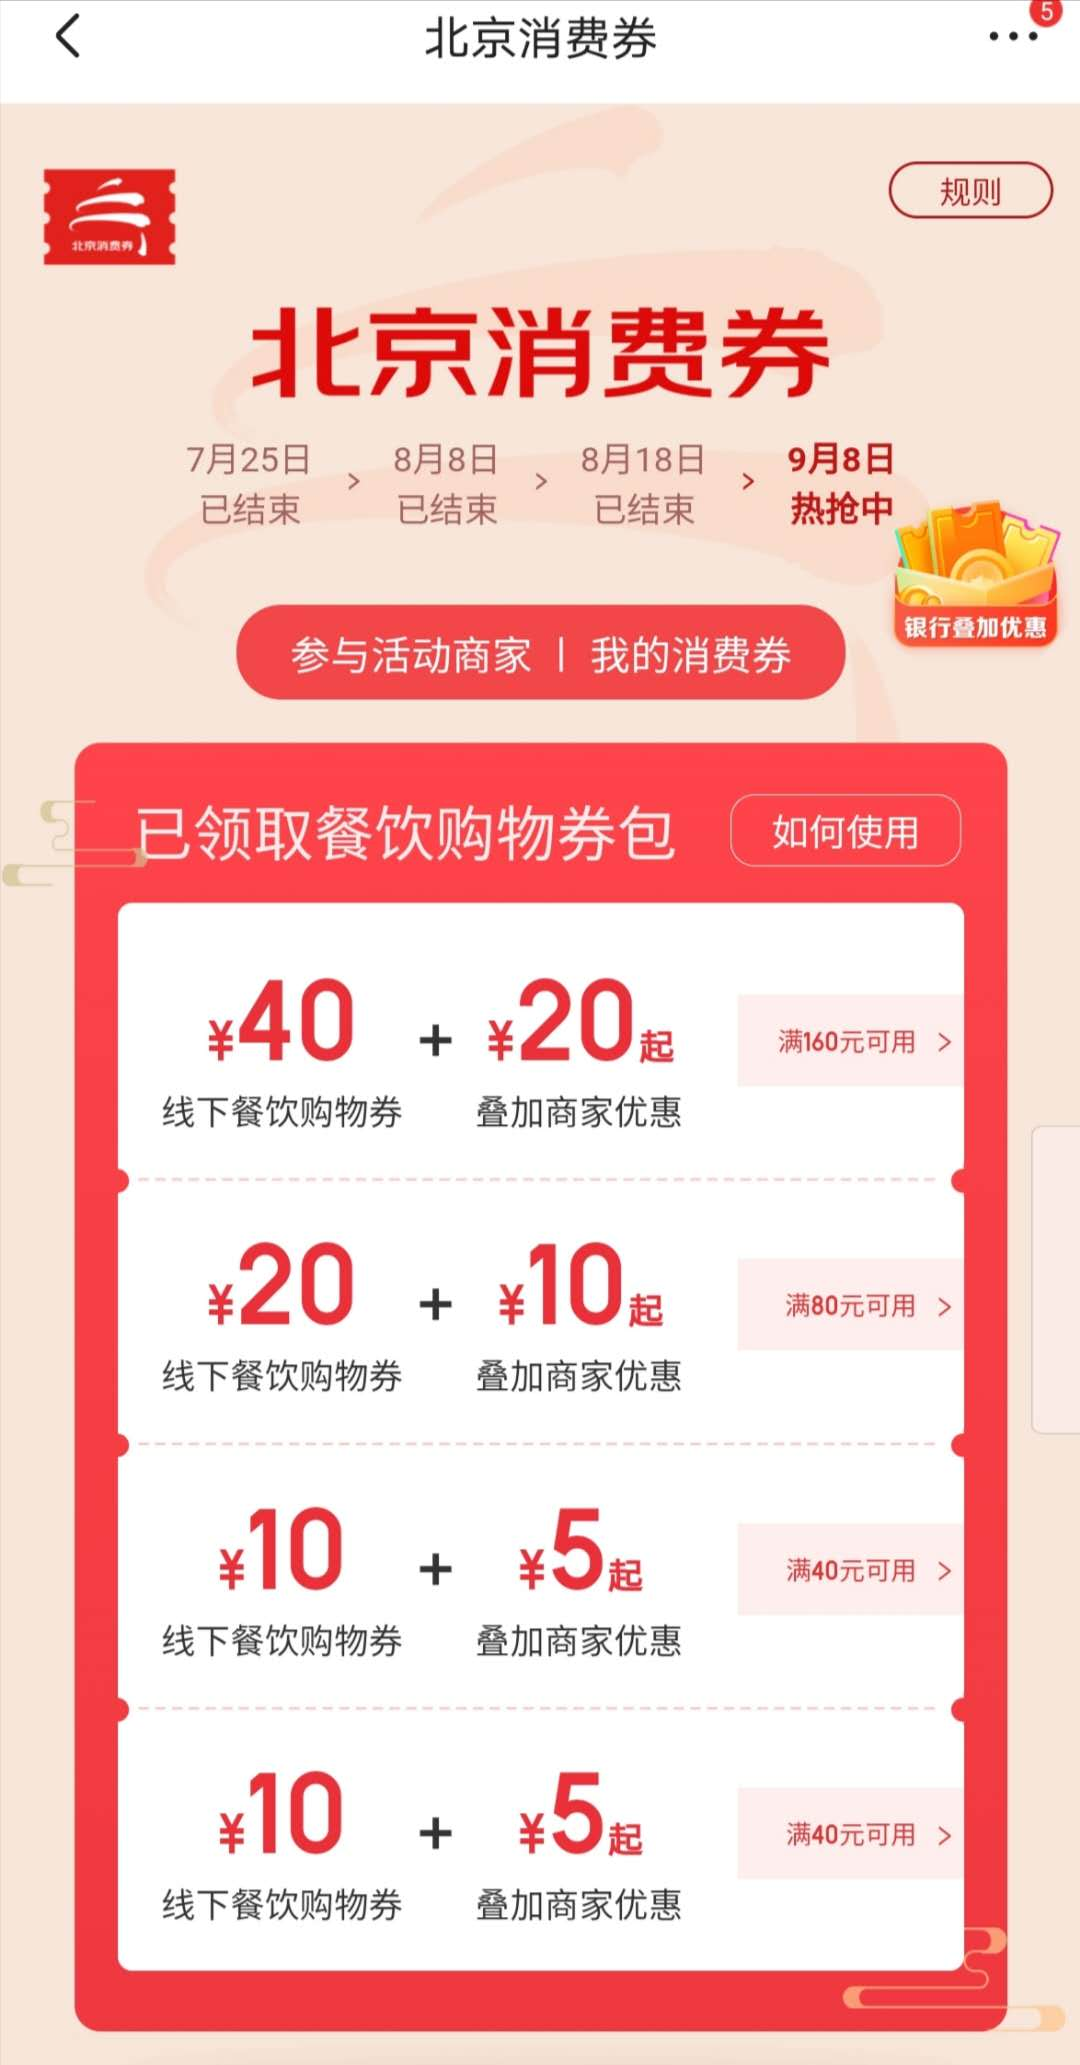 新一轮北京消费券发放 共有140万张